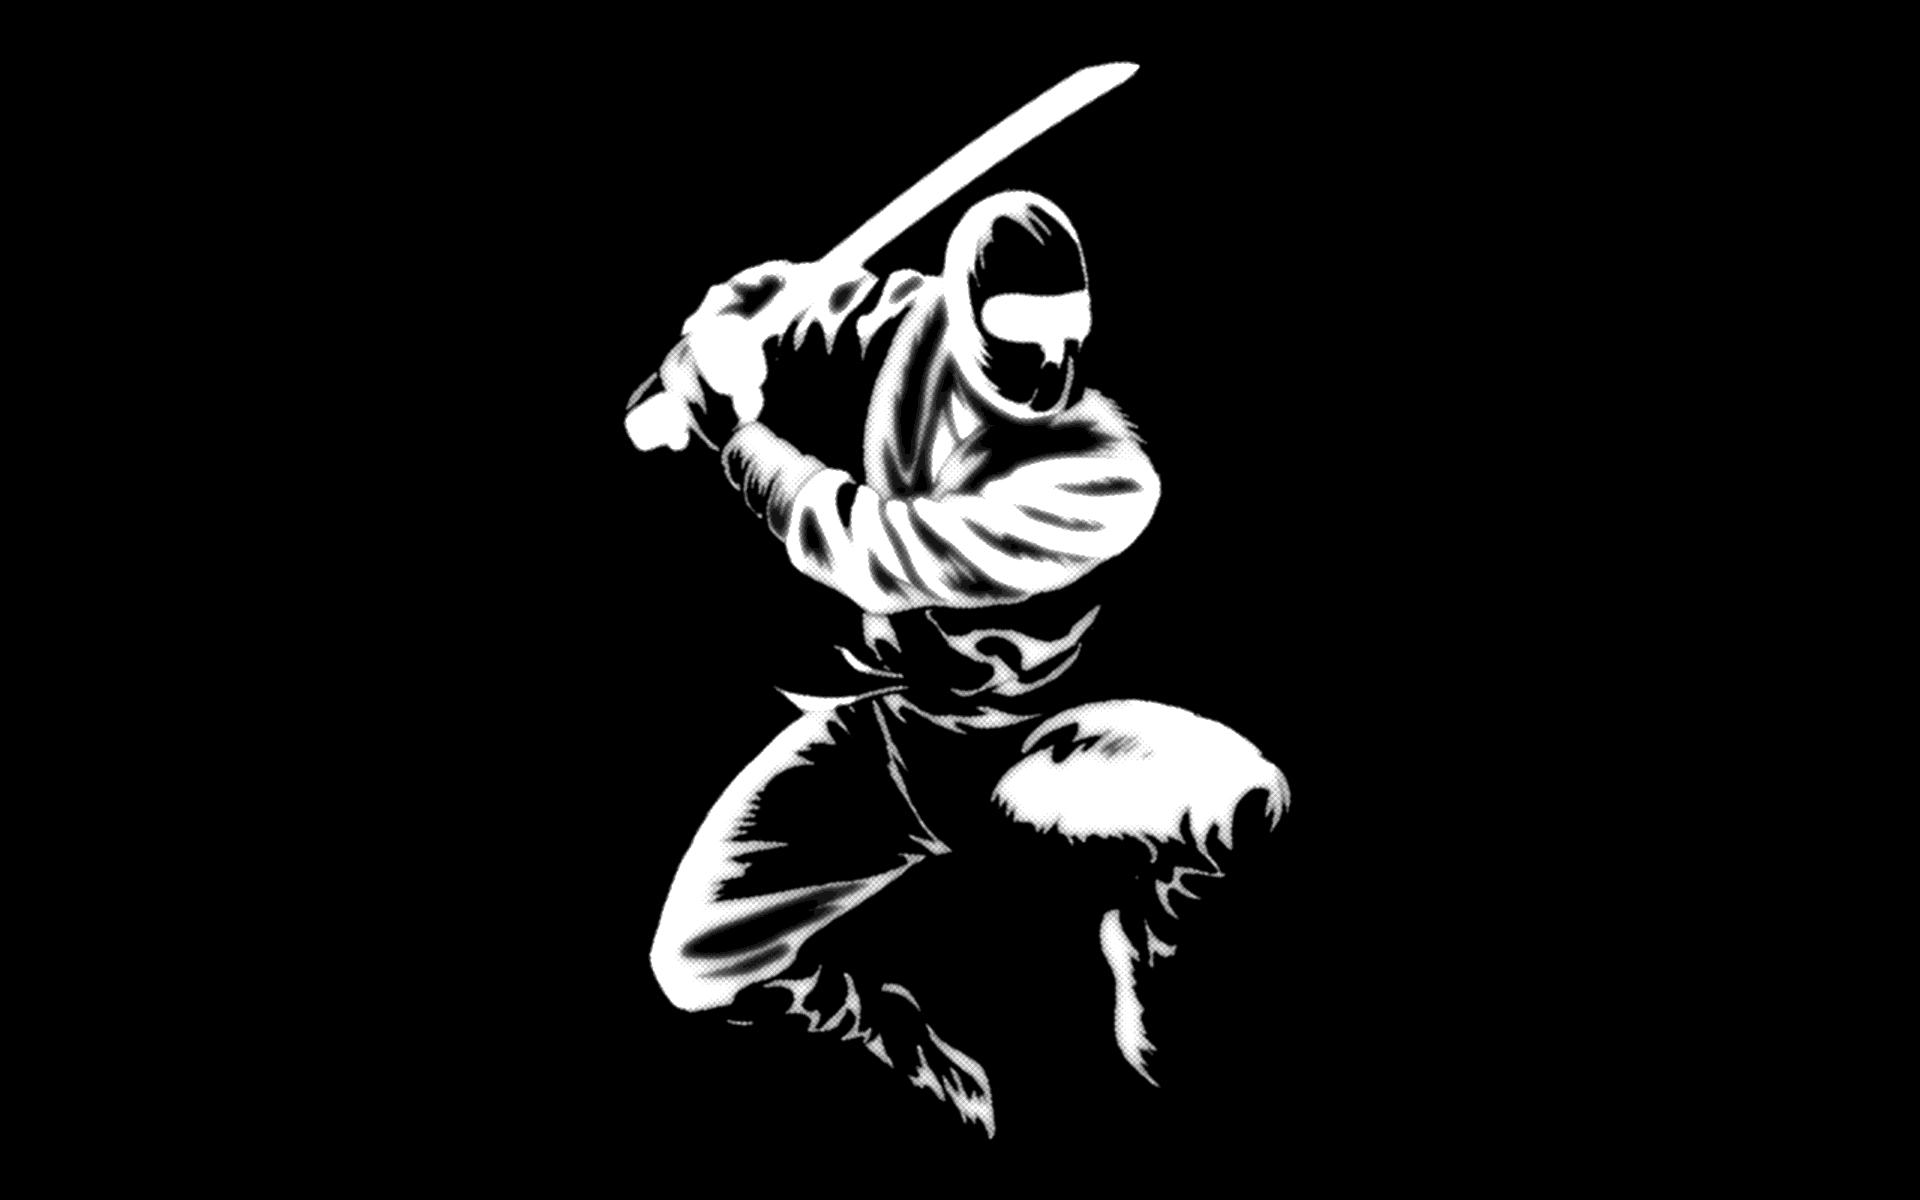 Ninja Wallpaper